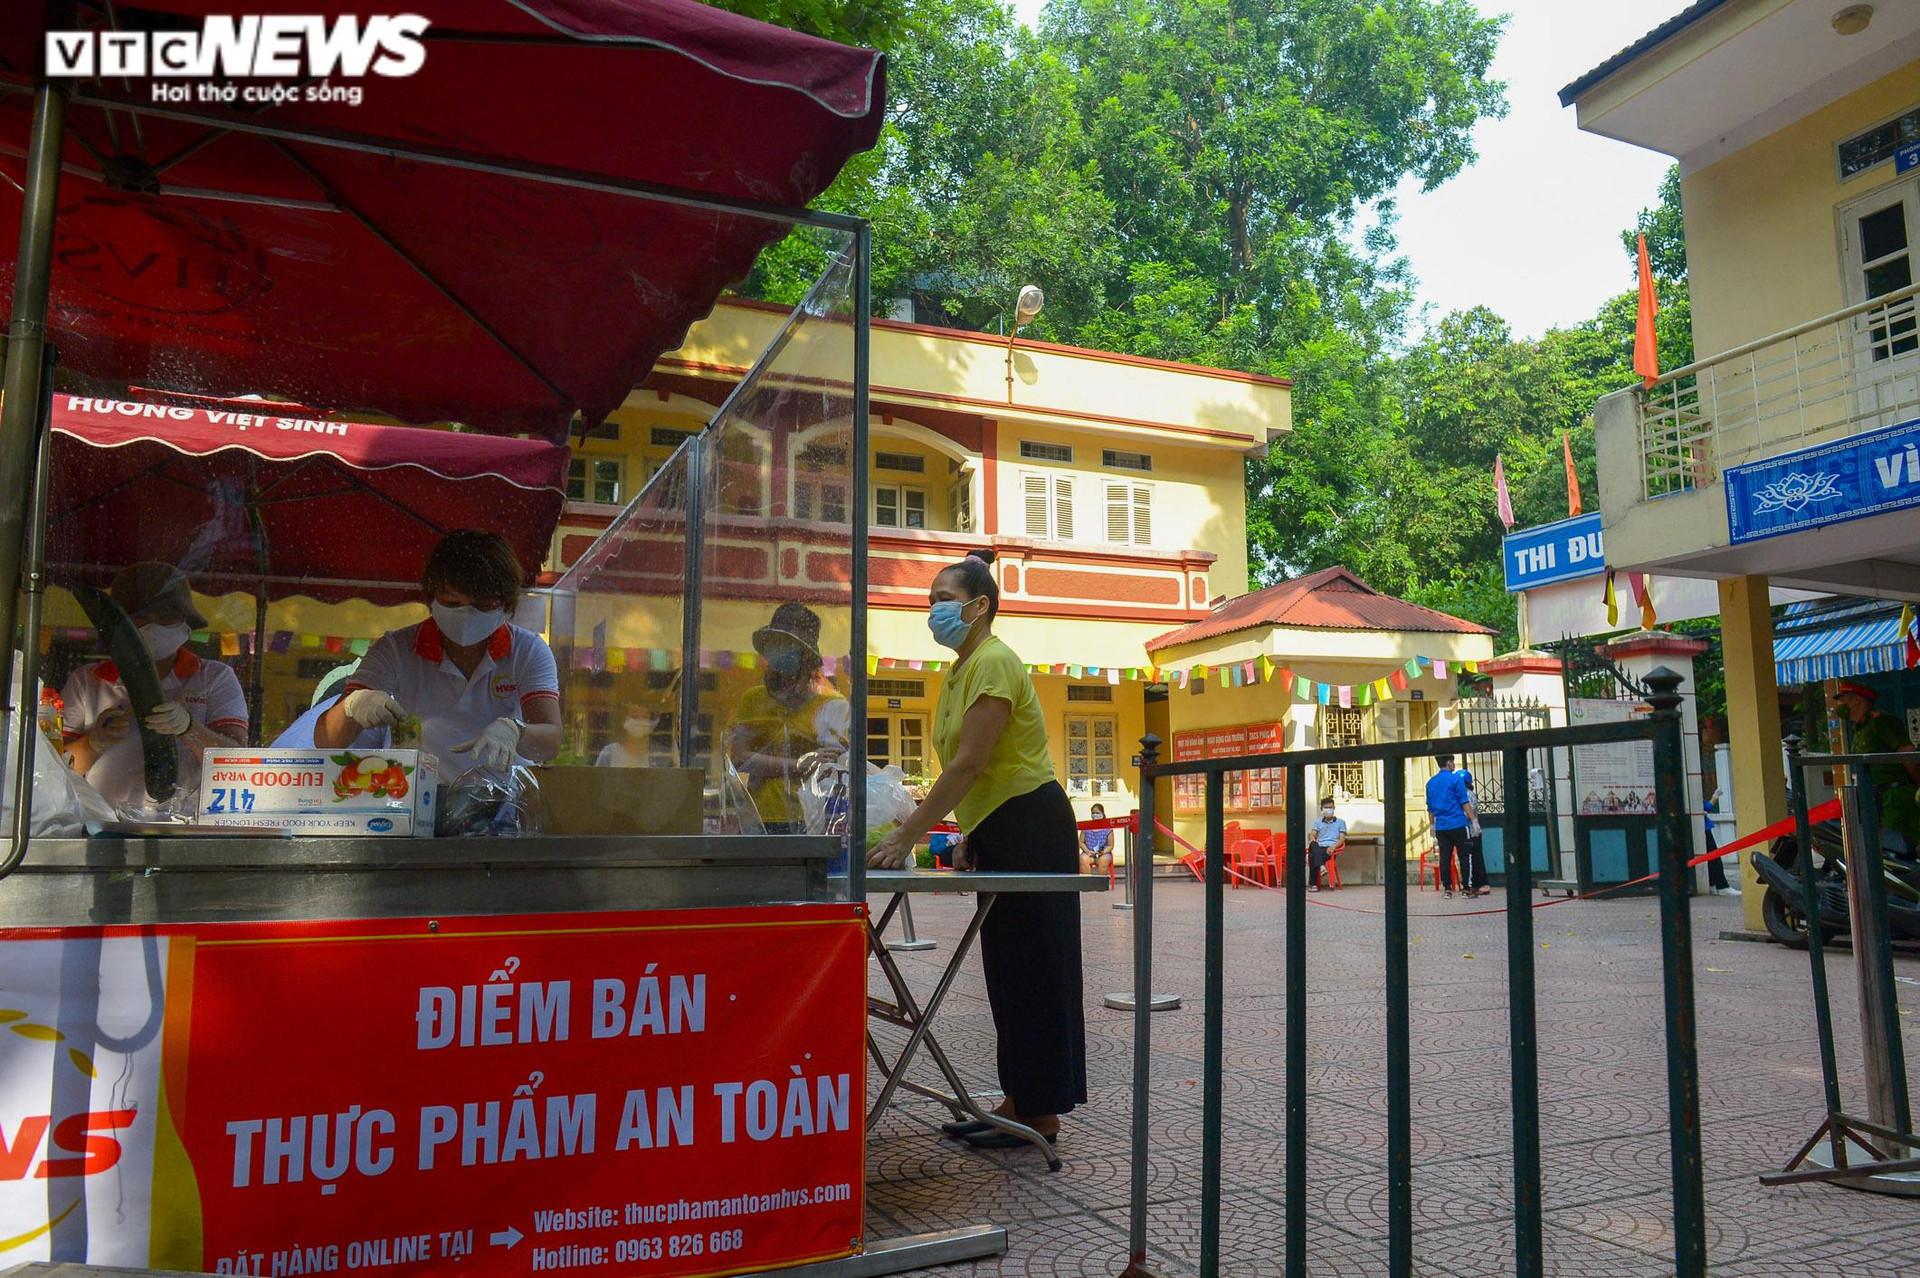 Bên trong điểm bán hàng lưu động mở ngay giữa sân trường ở Hà Nội - 15